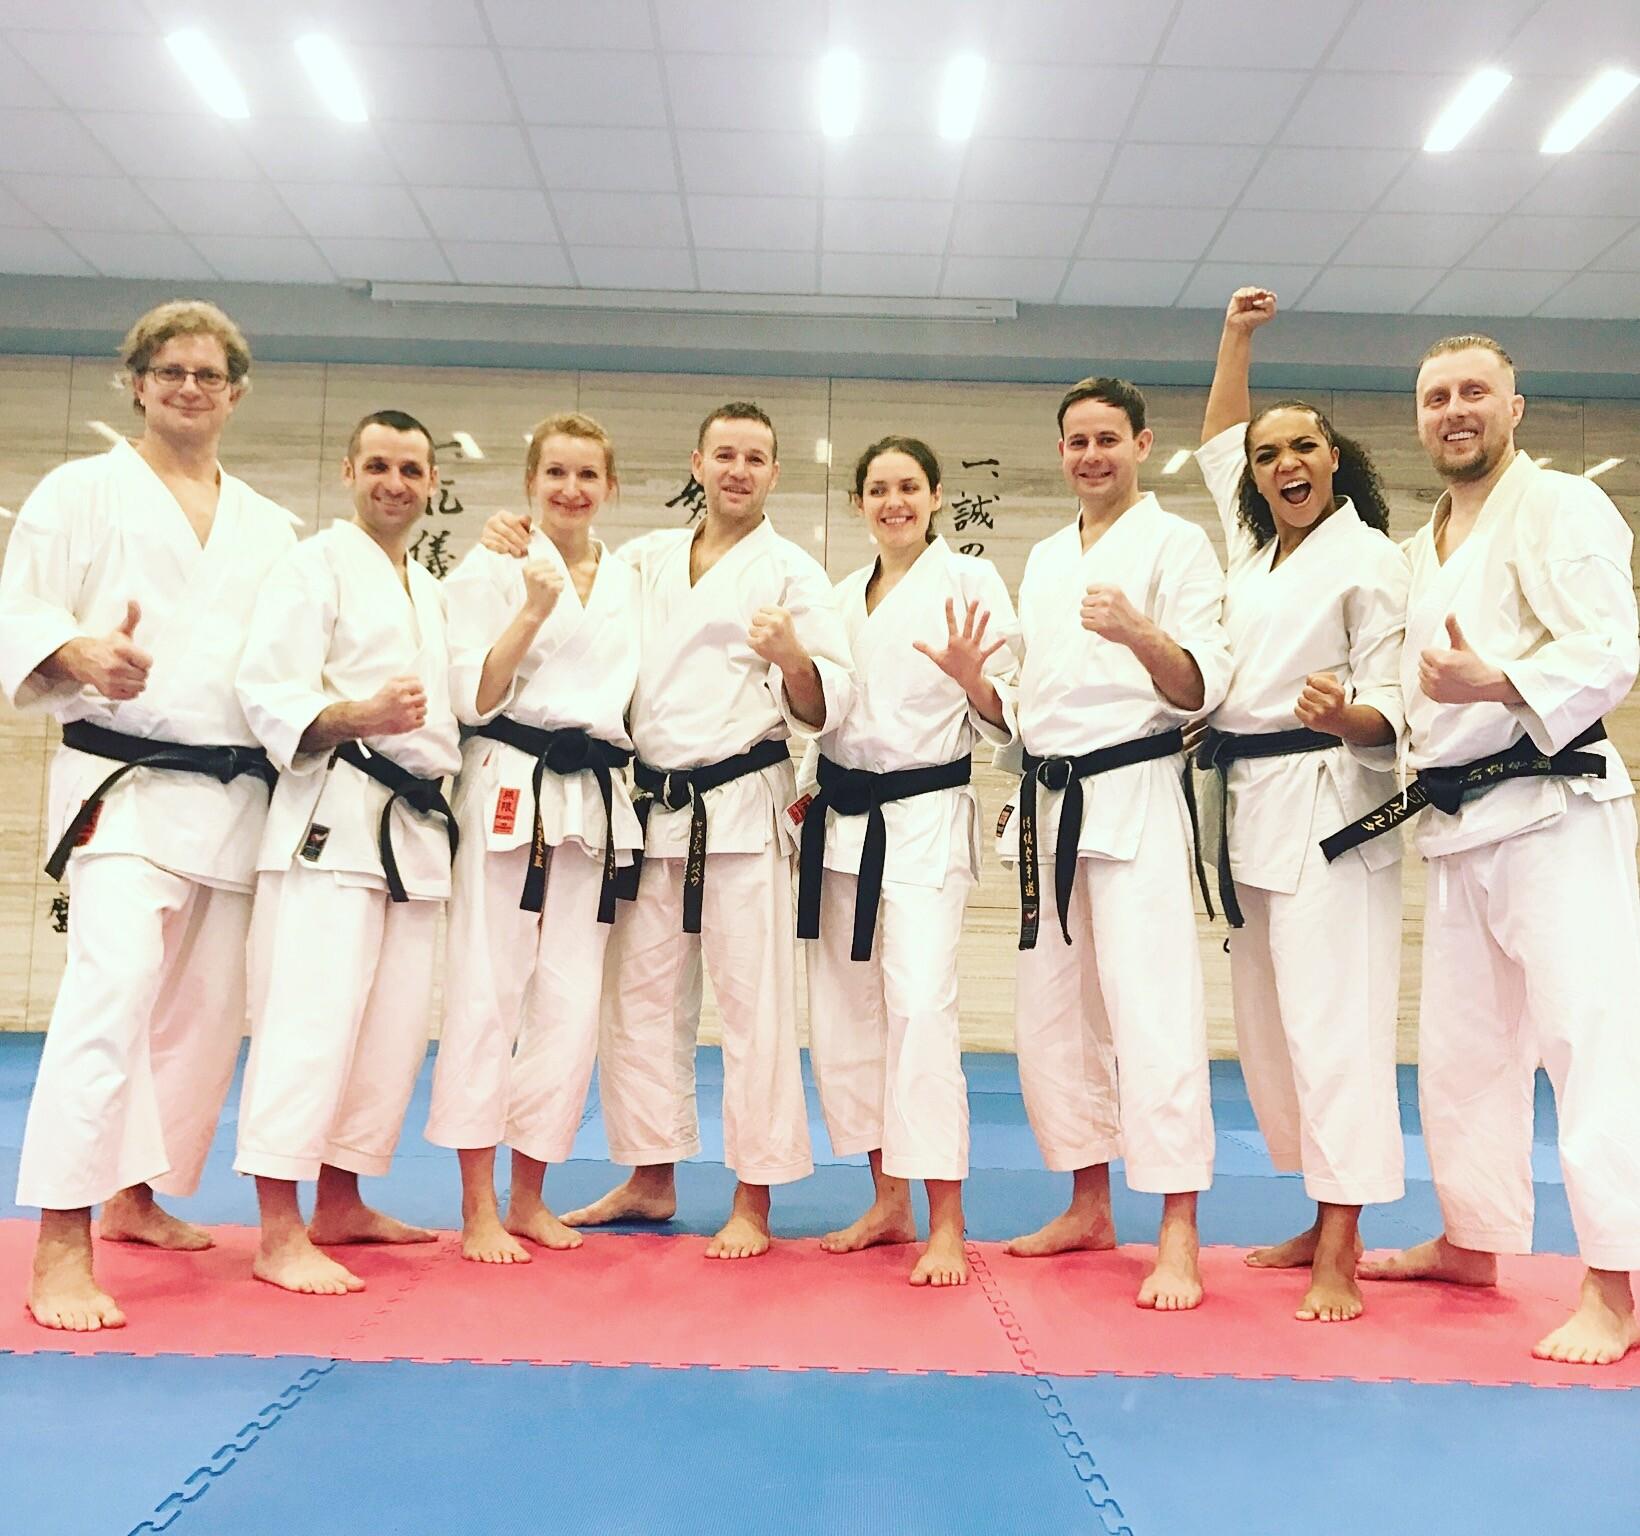 <p>15-17 grudnia w Dojo Stara Wieś odbył się coroczny Kurs Mistrzowski PZKT. Wzięło w nim udział kilkoro karateków Akademii Karate Tradycyjnego Niepołomice-Kraków.</p>